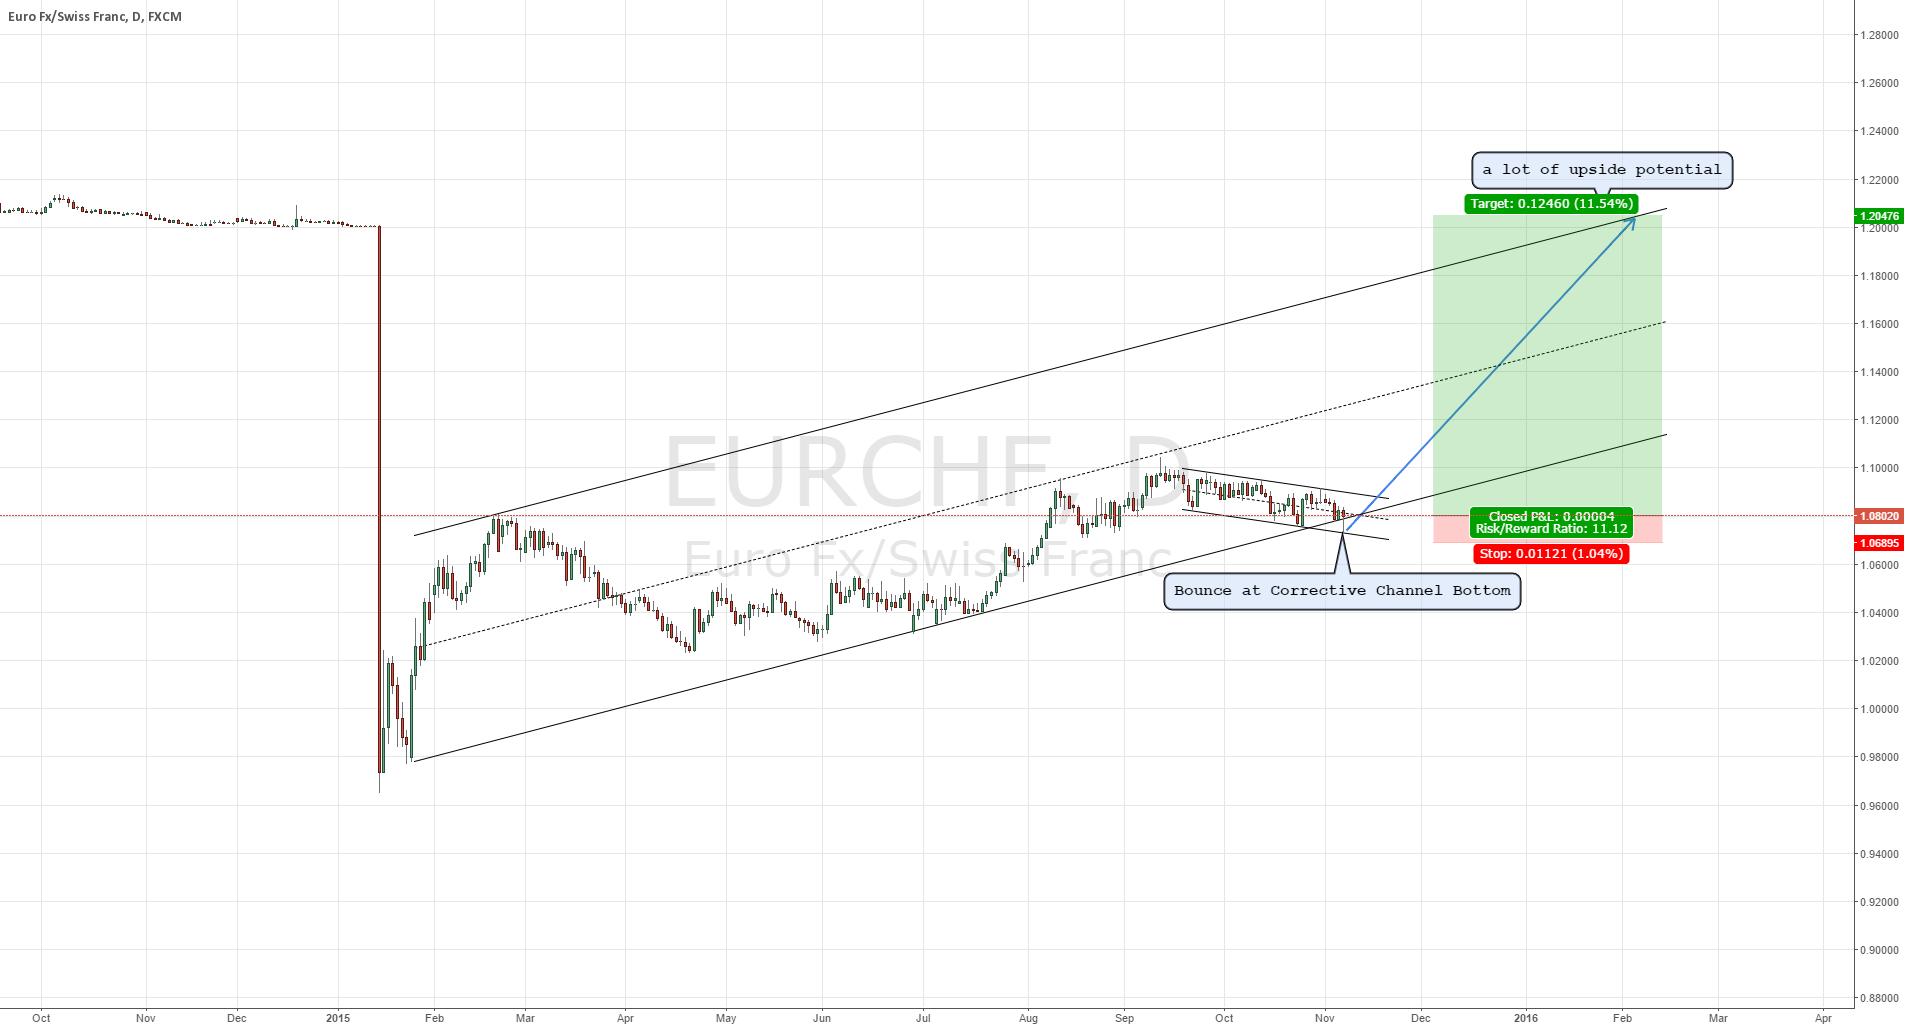 EURCHF also a long for medium term